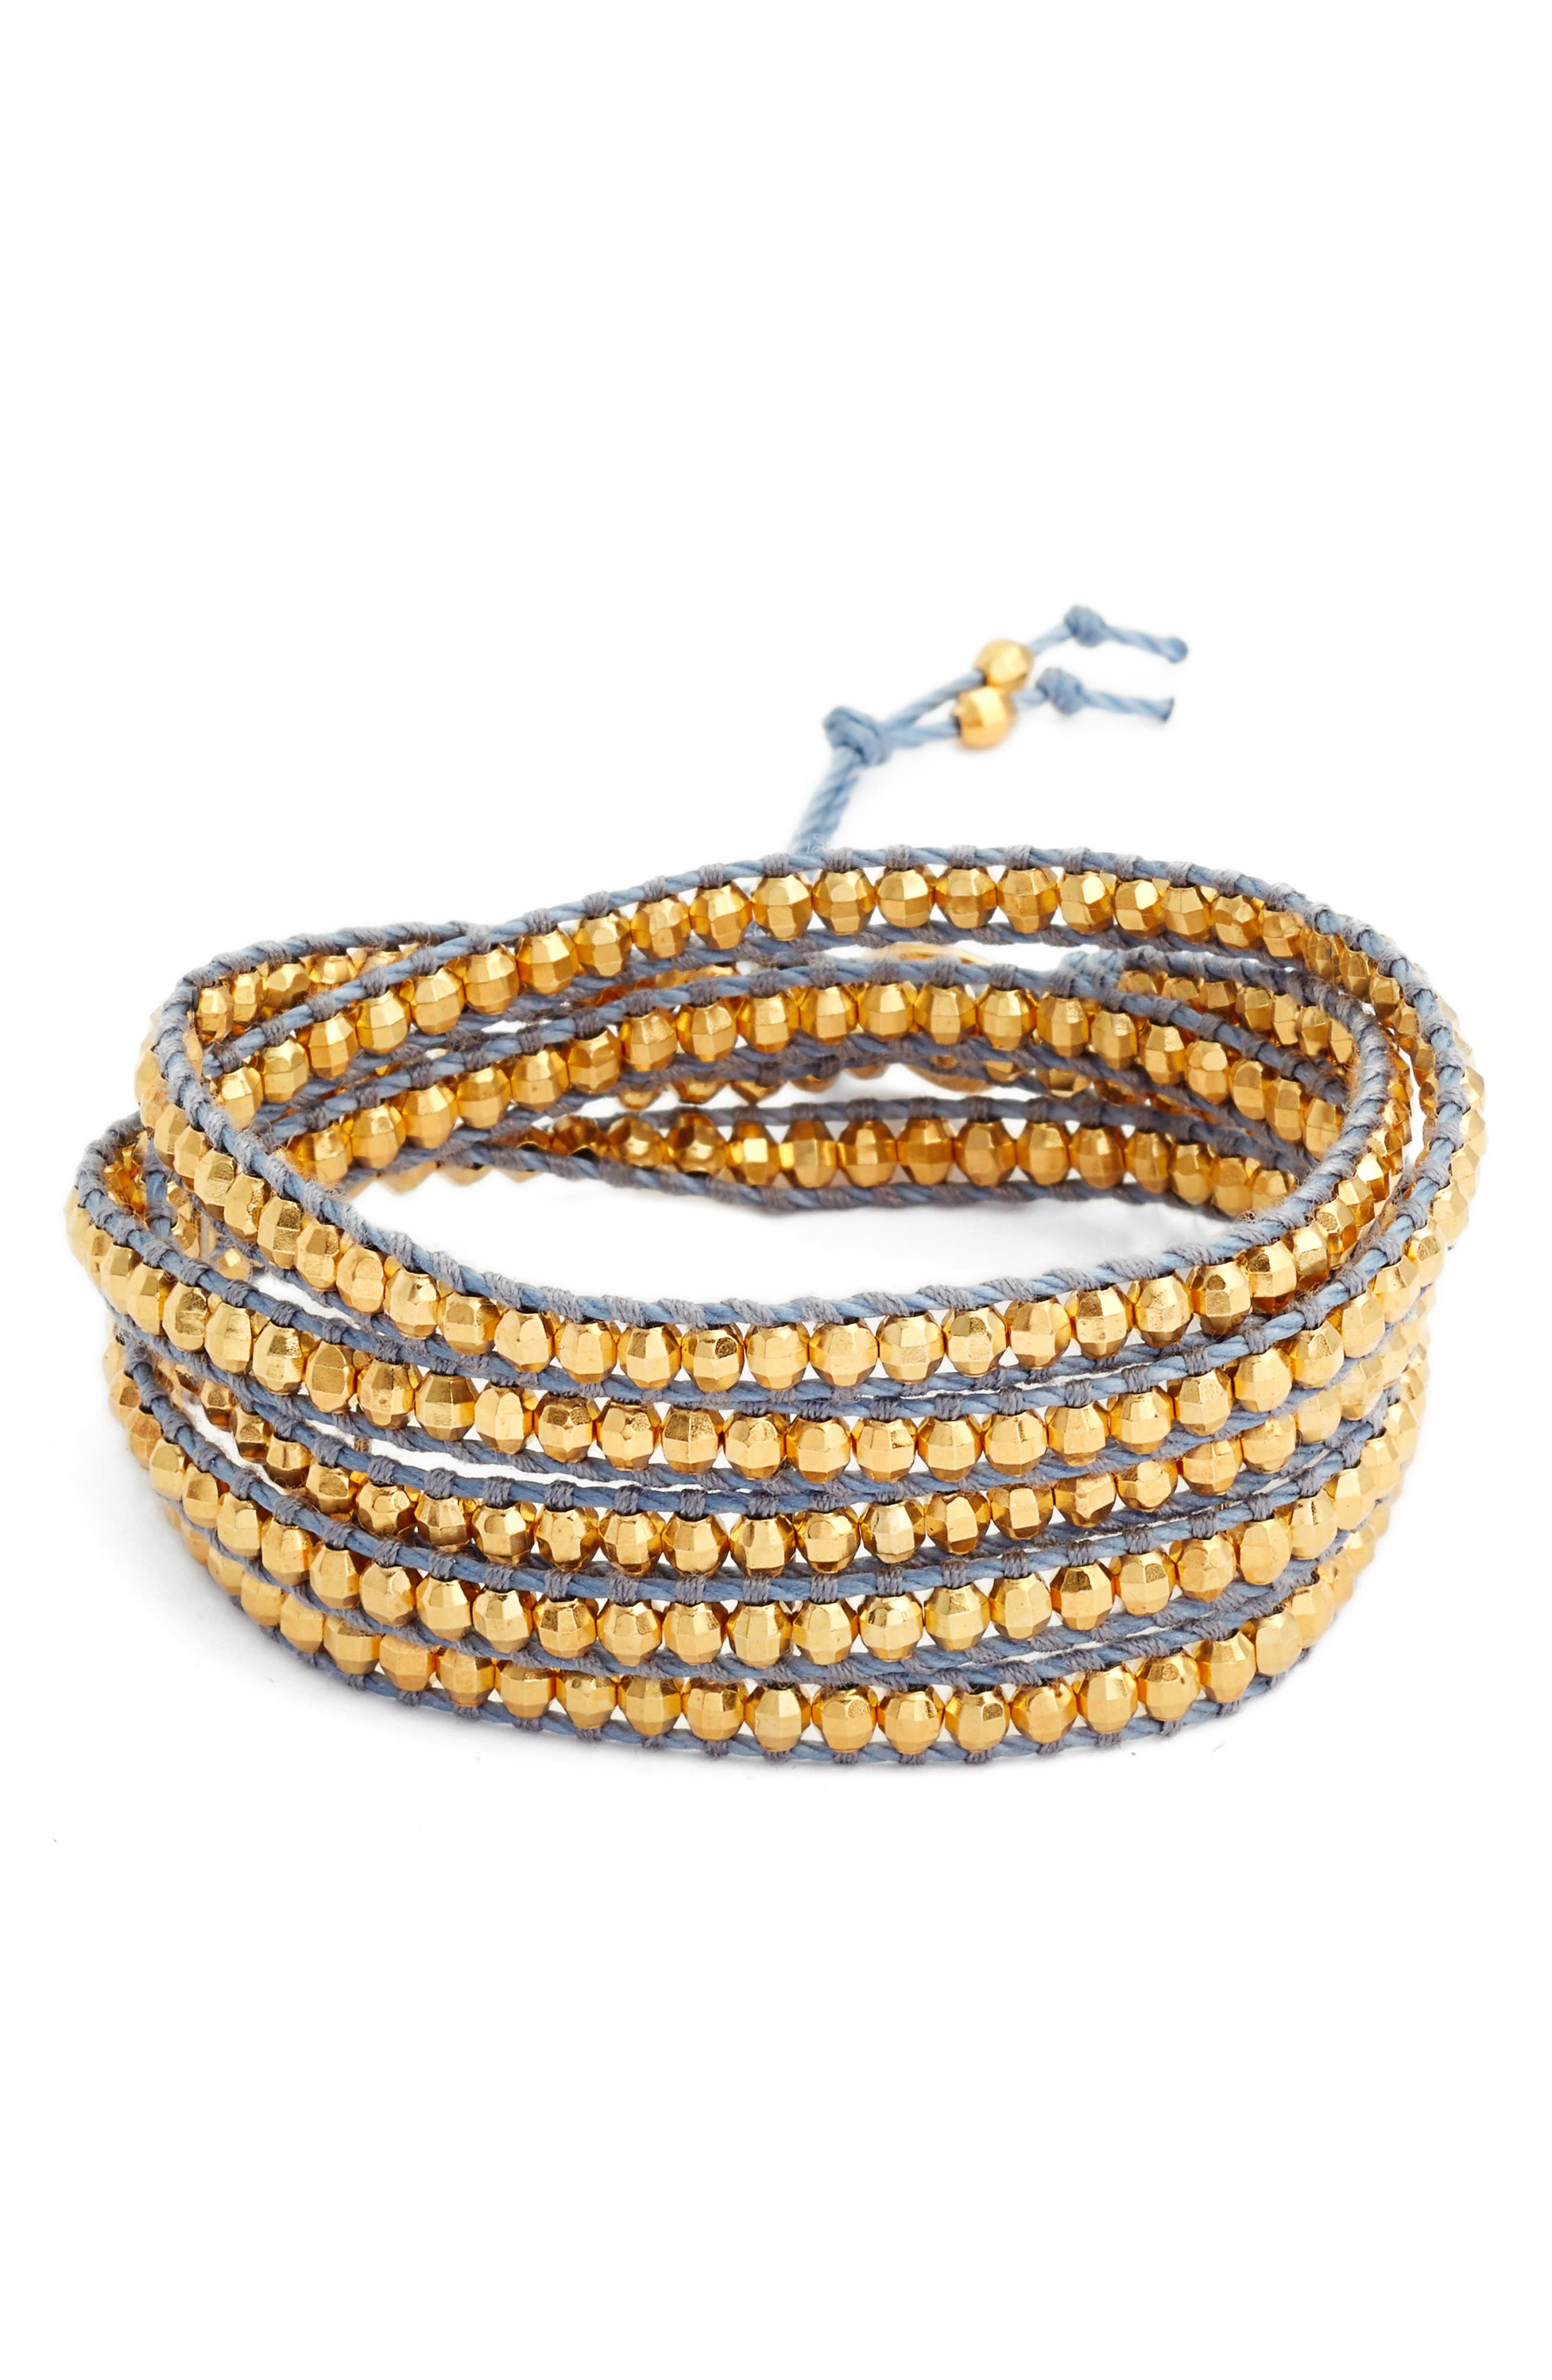 Vermeil Beaded Bracelet,                             Main thumbnail 1, color,                             020